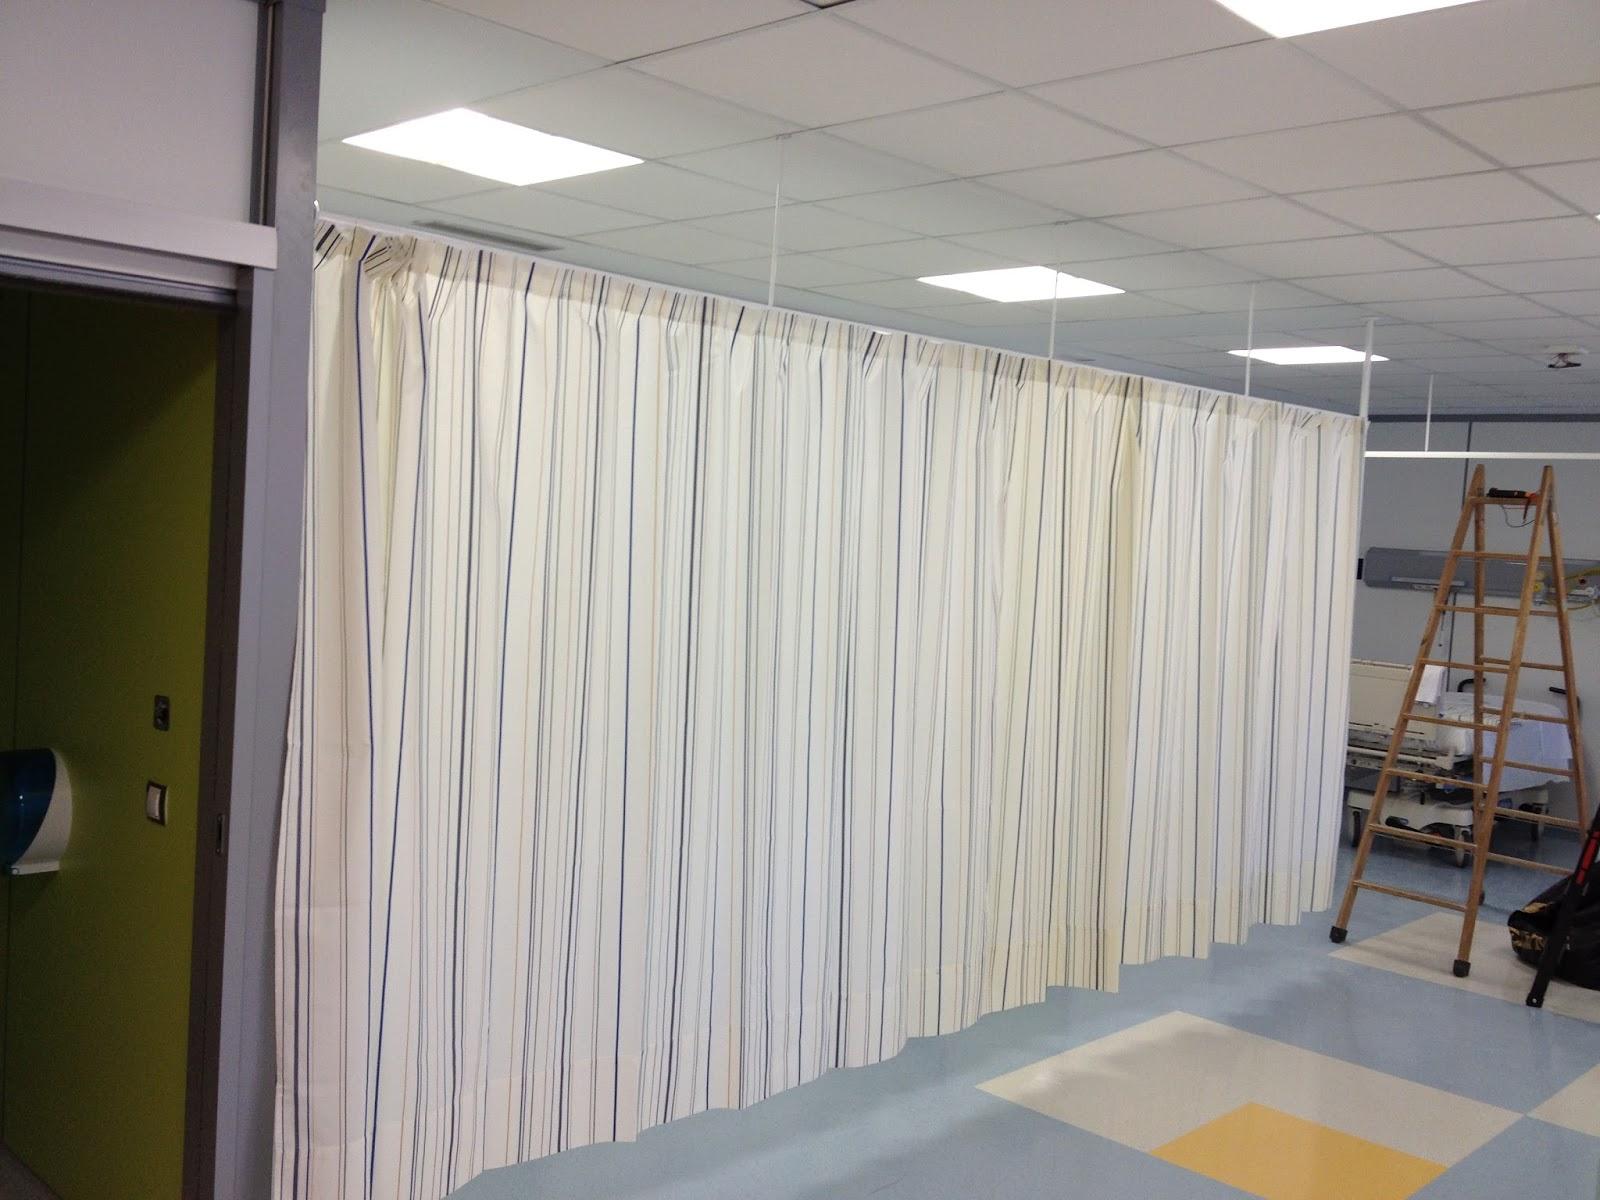 Lekune cortinas separadoras para hospitales o consultas - Lo ultimo en cortinas ...